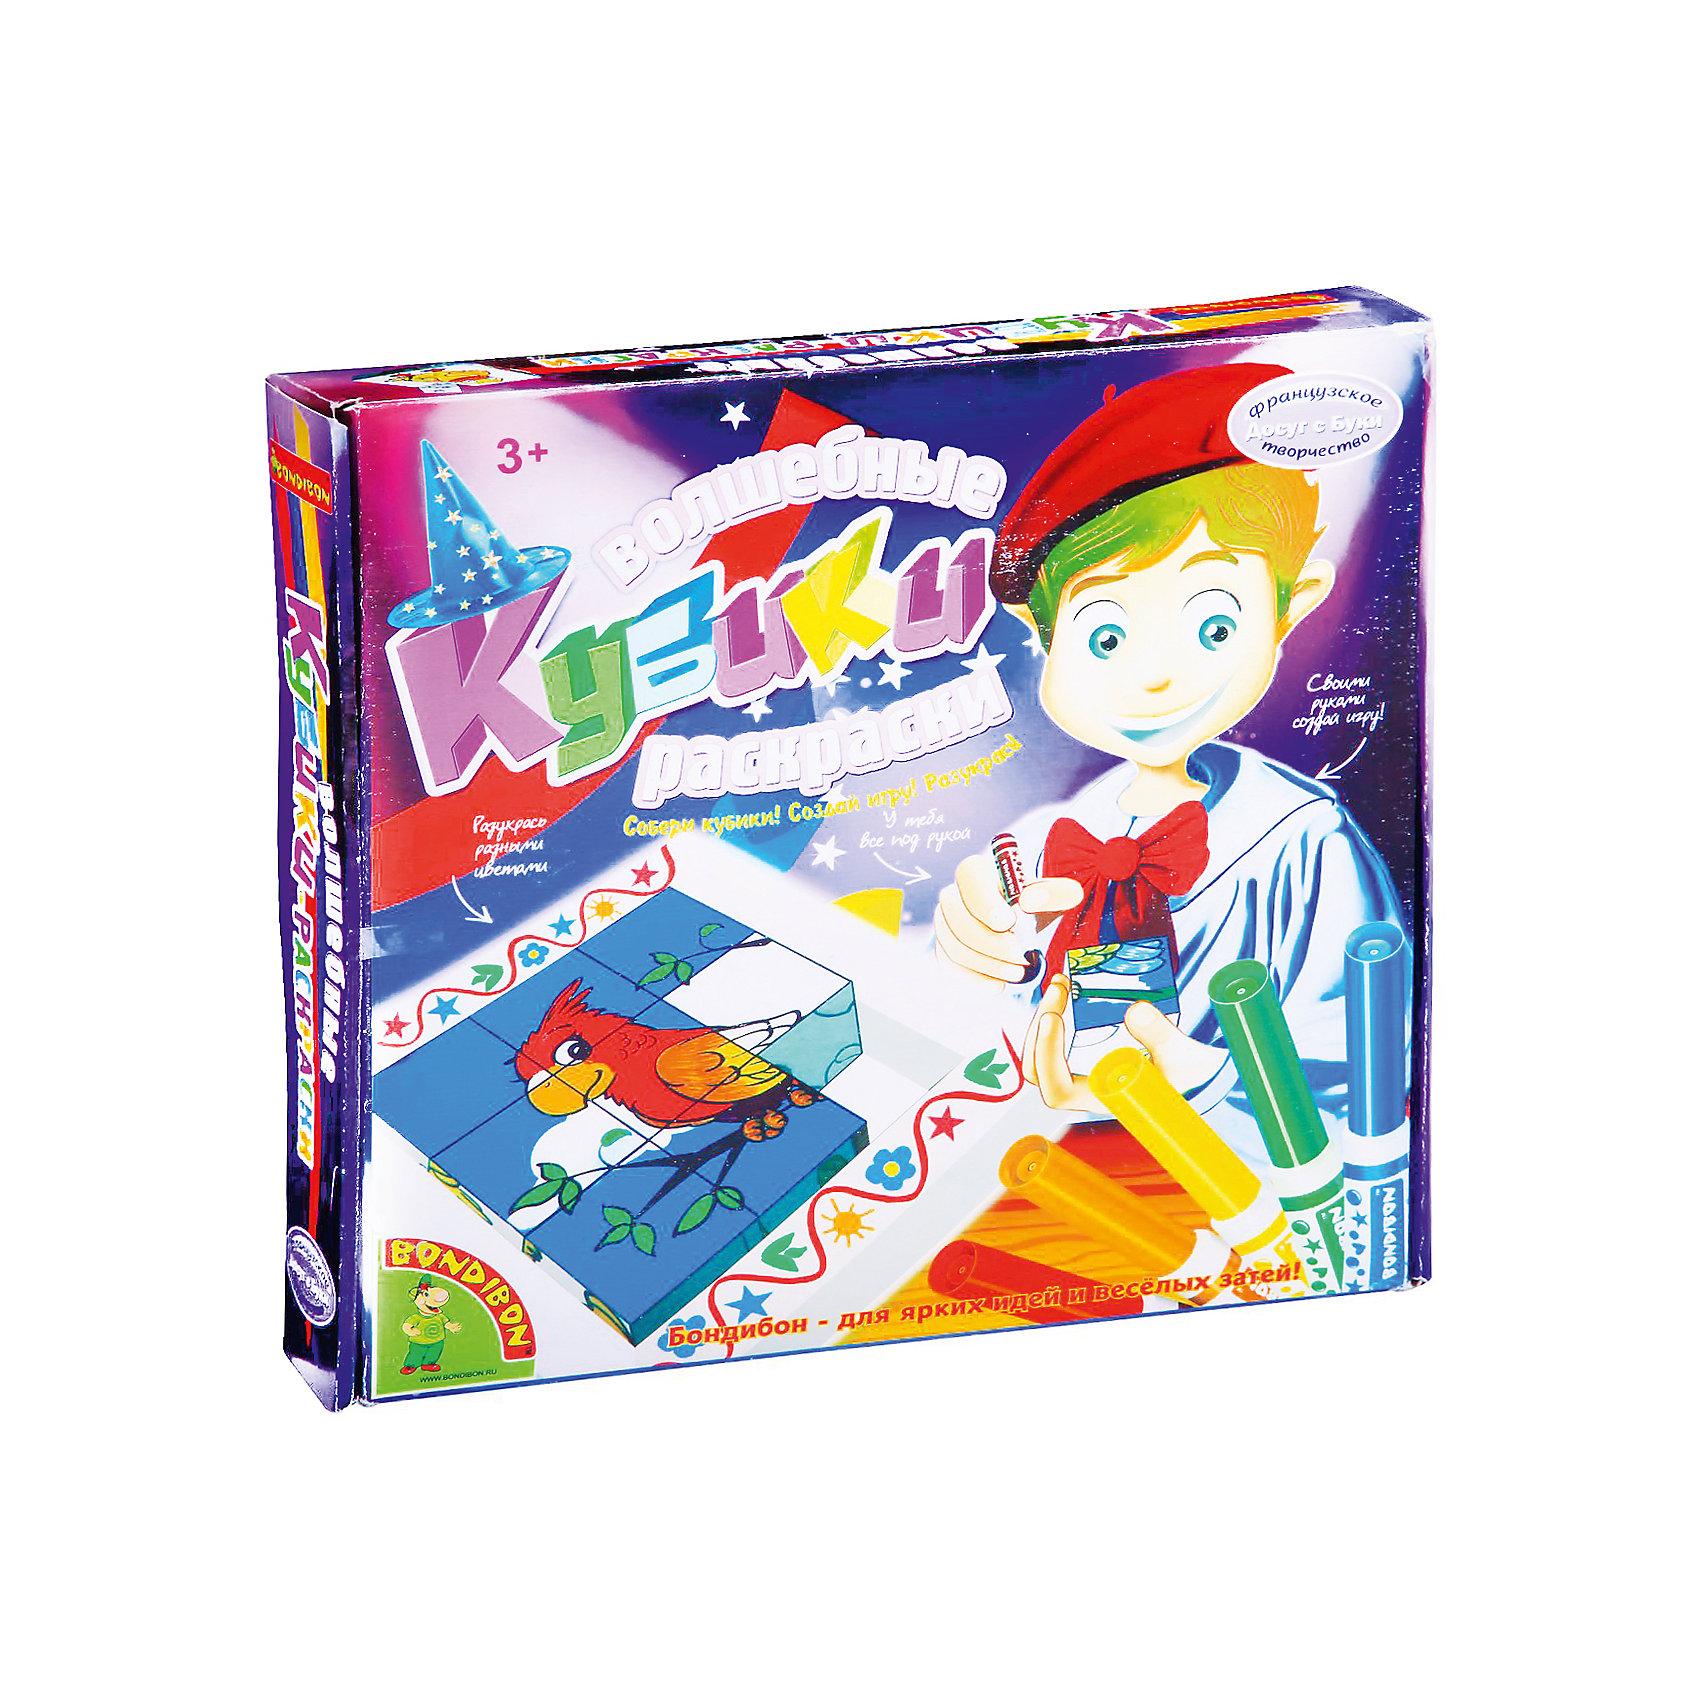 Волшебные Кубики-раскраски, BondibonВолшебные кубики-раскраски, Bondibon (Бондибон). <br><br>Характеристика:<br><br>• Материал: бумага, картон.<br>• Размер упаковки: 27х4х26 см. <br>• Высота кубика: 6 см.<br>• Комплектация: 9 кубиков, рамка, 6 фломастеров (розового, красного, оранжевого, желтого, зеленого и синего цвета).<br>• Набор развивает моторику рук, фантазию и внимание. <br><br>Дети обожают играть с кубиками! А если кубики сделаны своими руками, с ними приятнее играть вдвойне! Этим замечательным набором ваш ребенок сможет сам раскрасить яркие кубики с забавными картинками и придумывать с ними веселые игры. <br><br>Волшебные кубики-раскраски, Bondibon (Бондибон), можно купить в нашем интернет-магазине.<br><br>Ширина мм: 270<br>Глубина мм: 40<br>Высота мм: 260<br>Вес г: 408<br>Возраст от месяцев: 36<br>Возраст до месяцев: 72<br>Пол: Унисекс<br>Возраст: Детский<br>SKU: 5124513